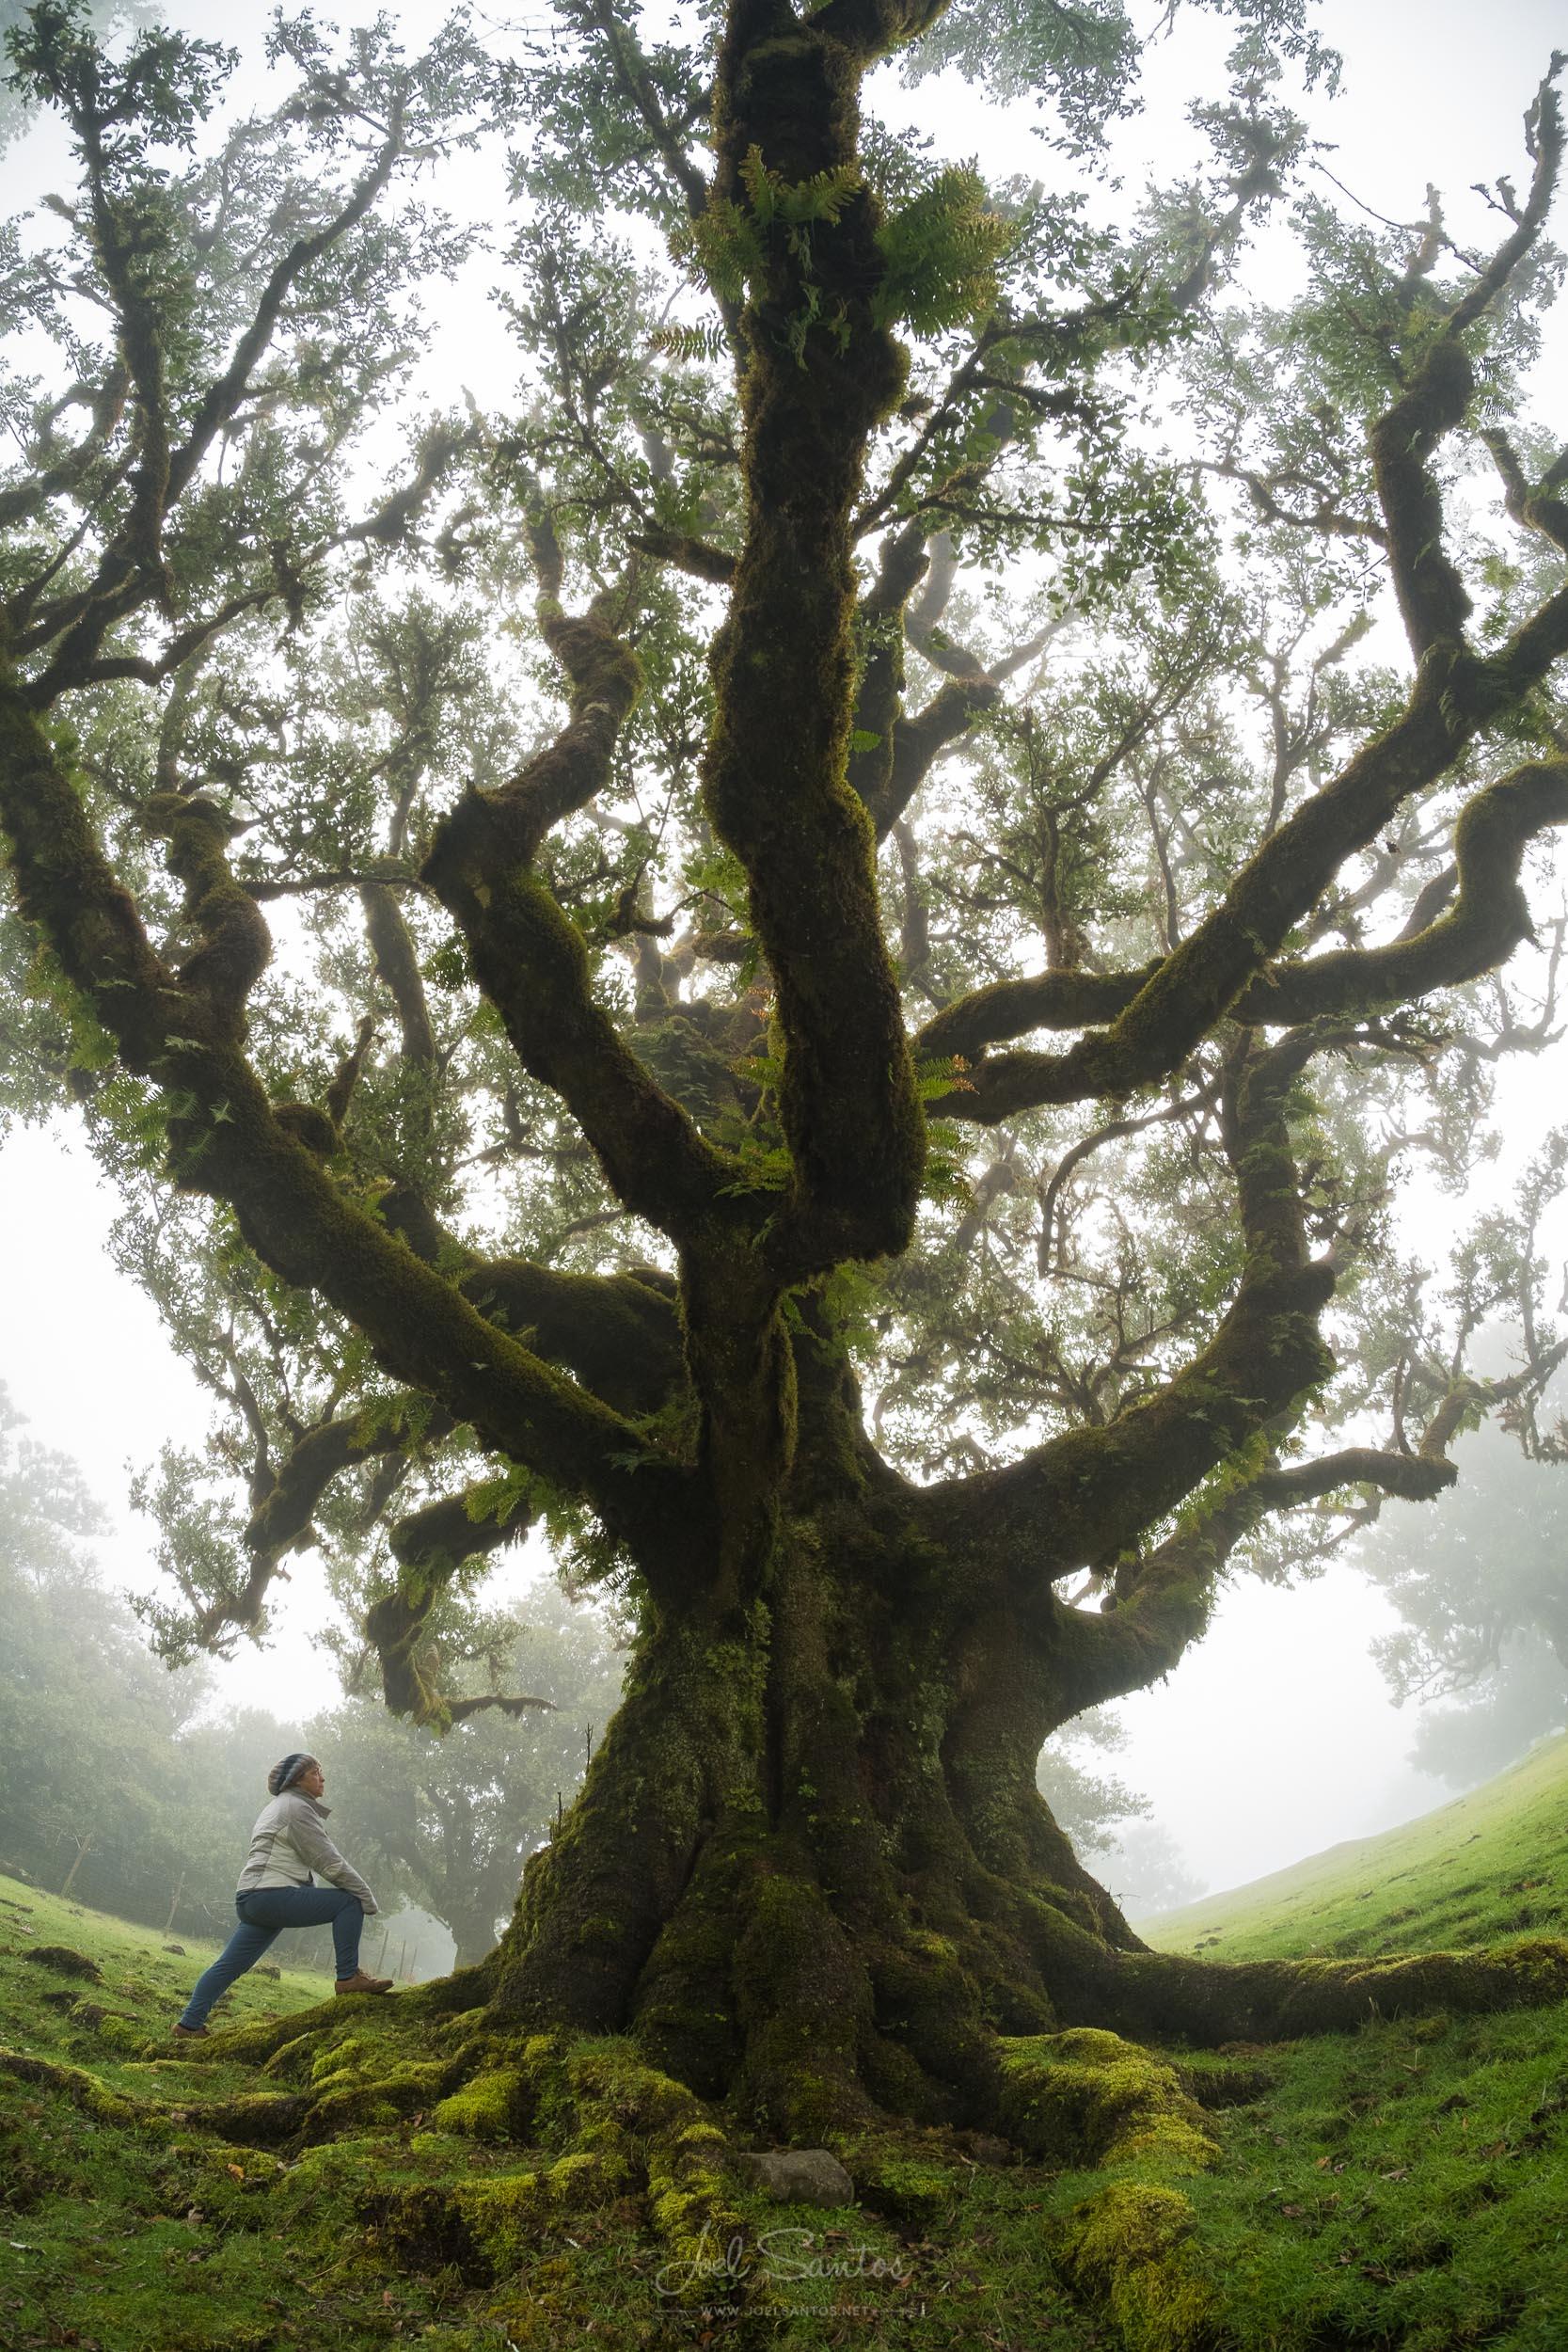 Laurissilva trees, Madeira island, Portugal